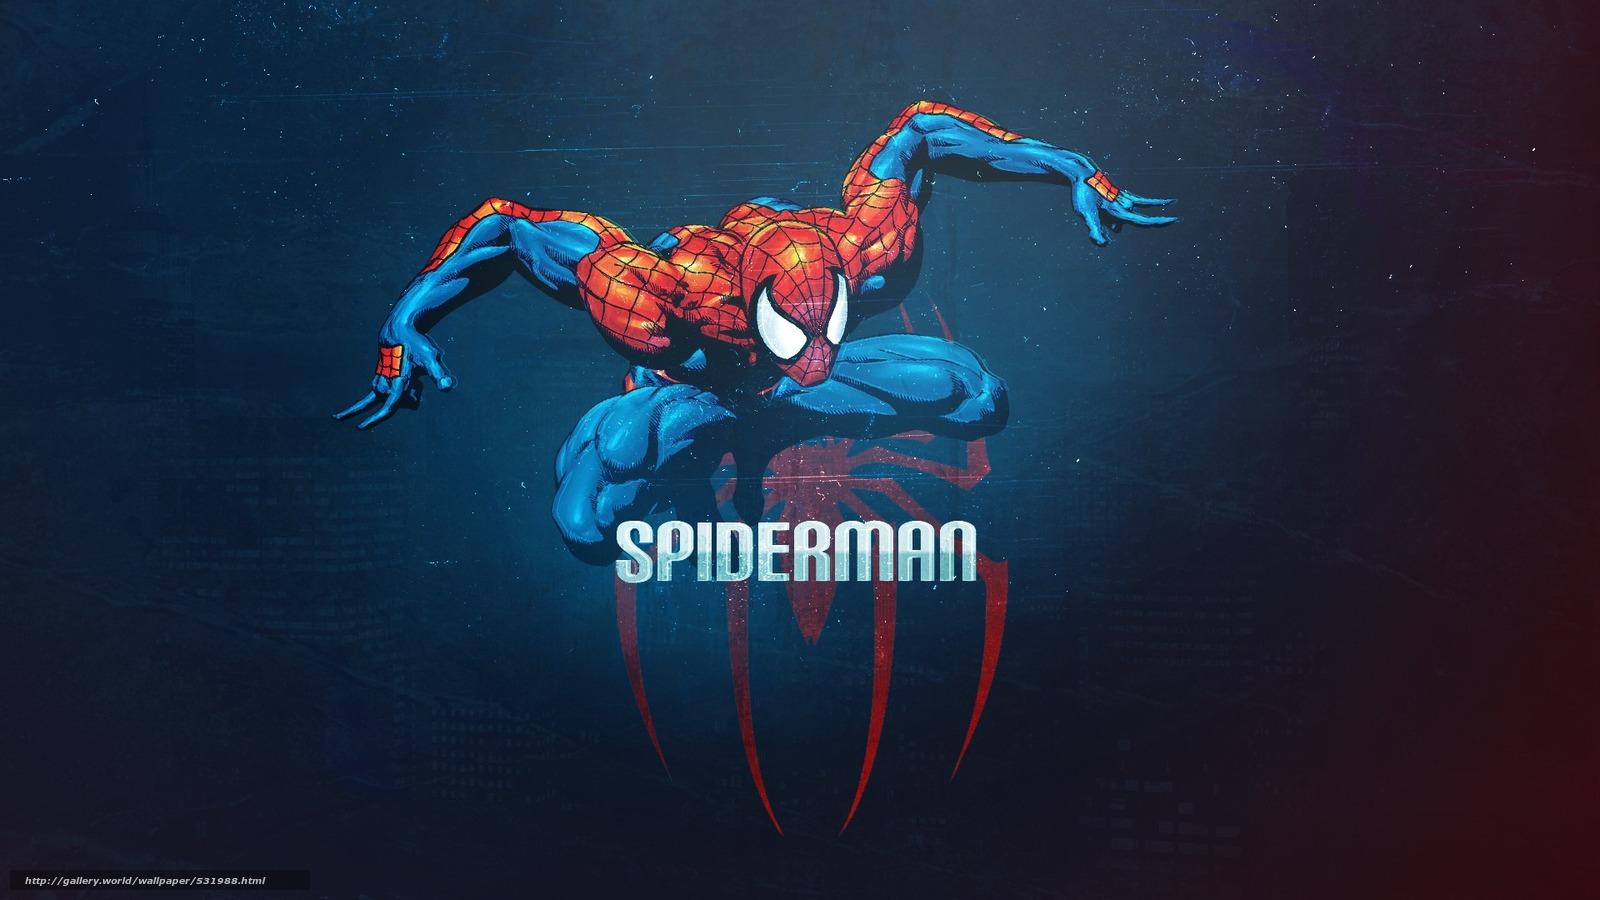 Скачать обои spiderman,  человек-паук,  spider-man,  супергерой бесплатно для рабочего стола в разрешении 1920x1080 — картинка №531988